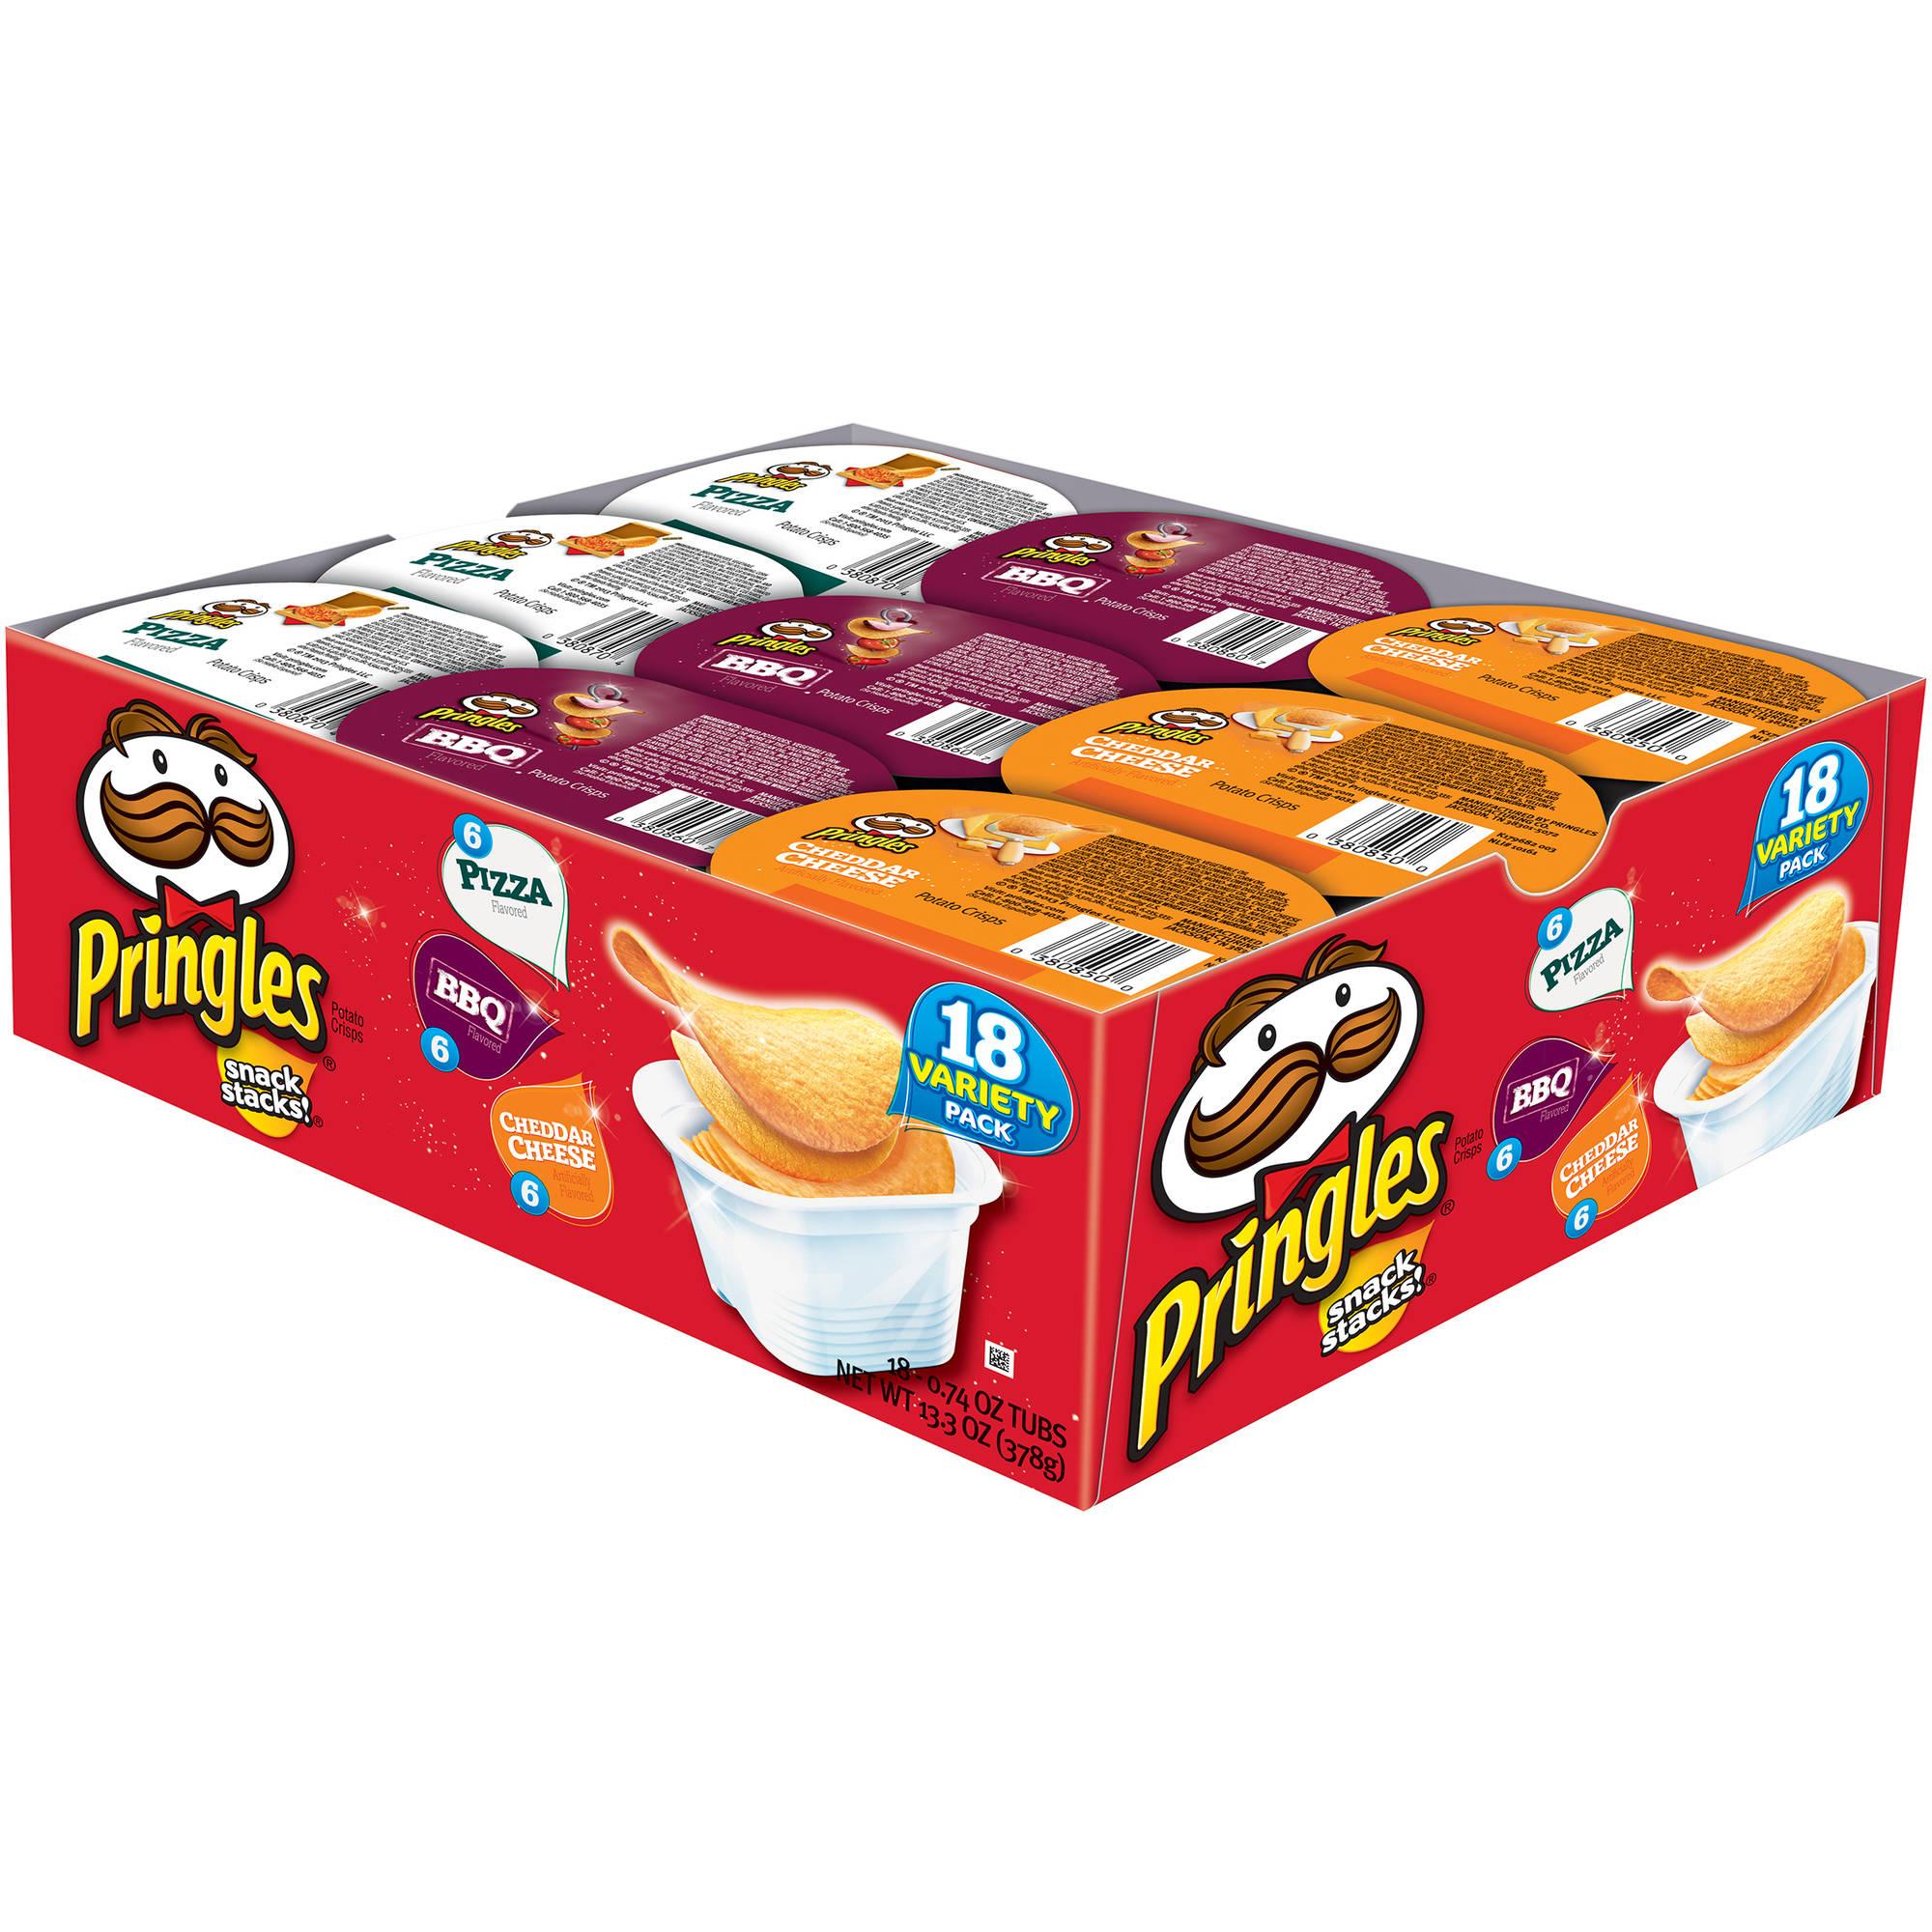 Pringles Snack Stacks! Variety Pack Potato Crisps Chips, 18 ct 13.3 oz